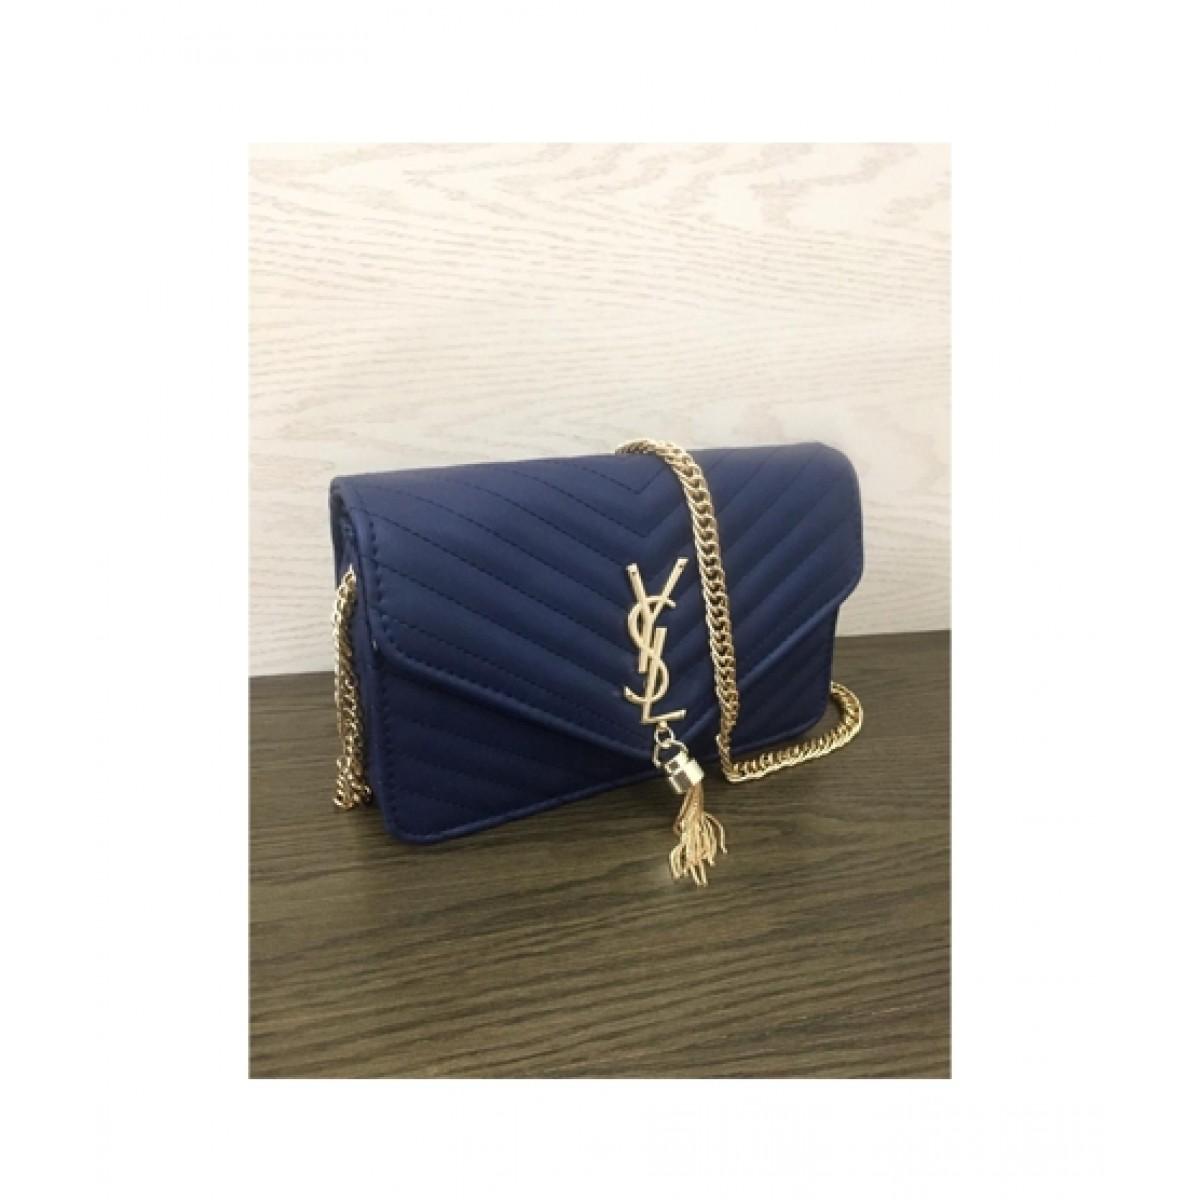 HM Cross Body Bag For Women Blue (0020)